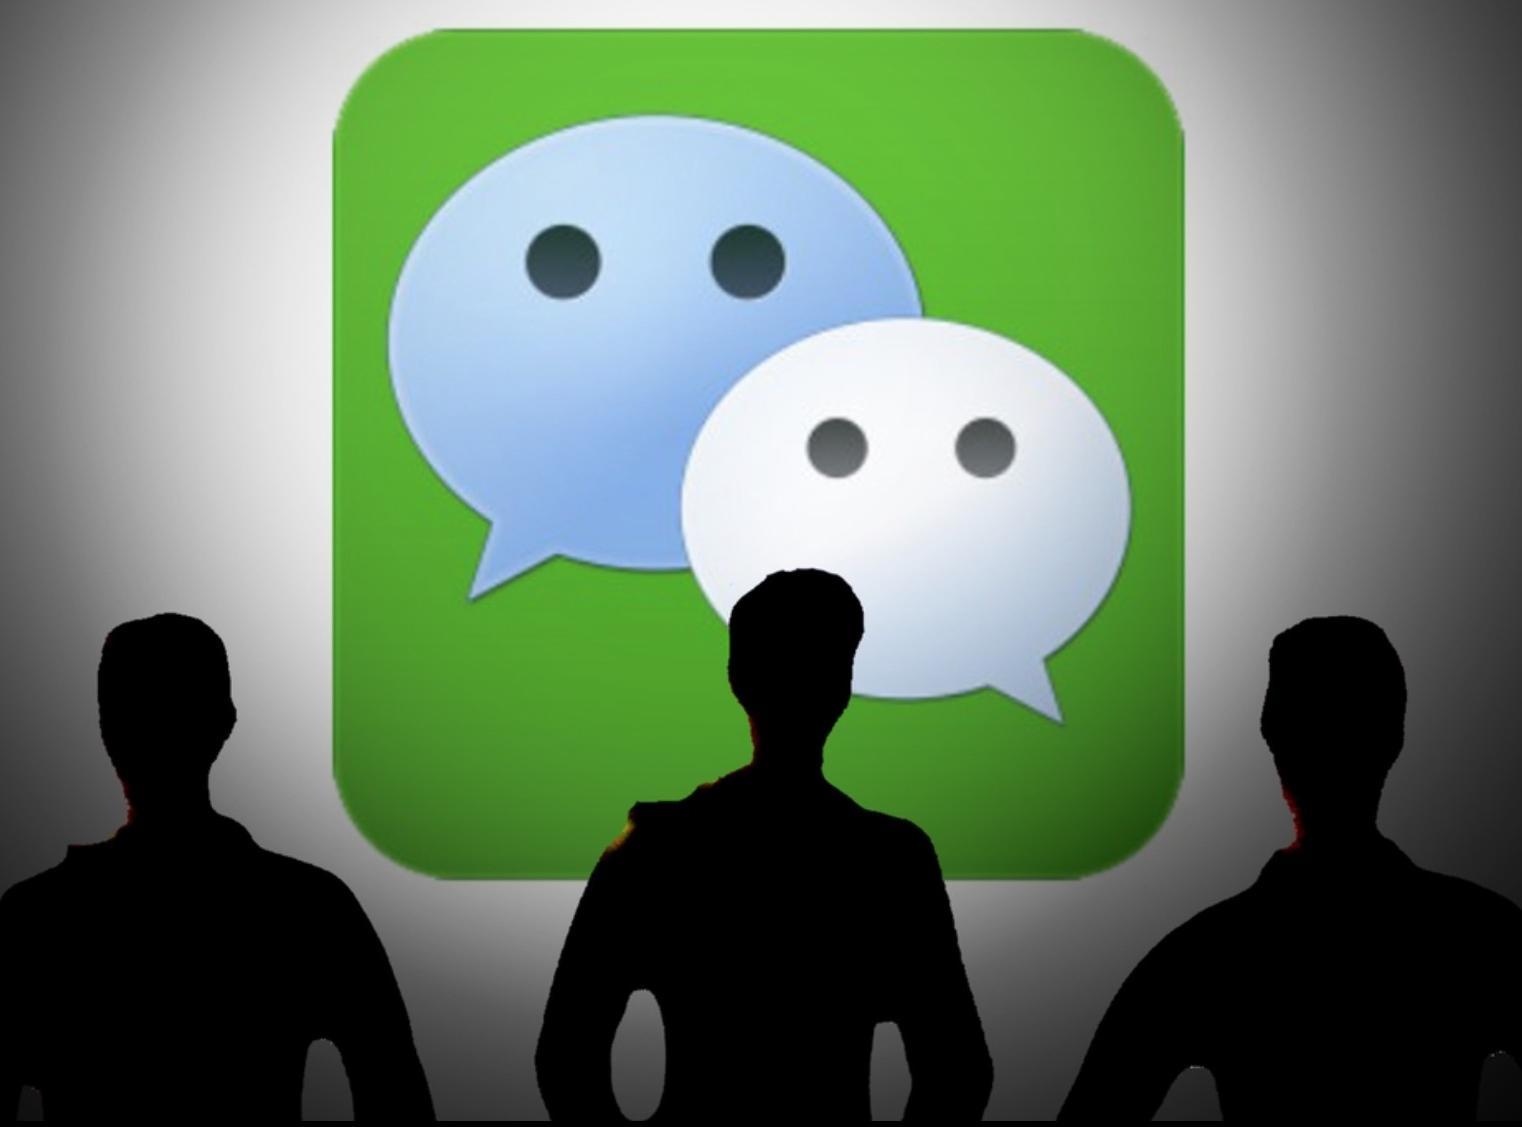 微信公众号是为了盈利?还是推广?